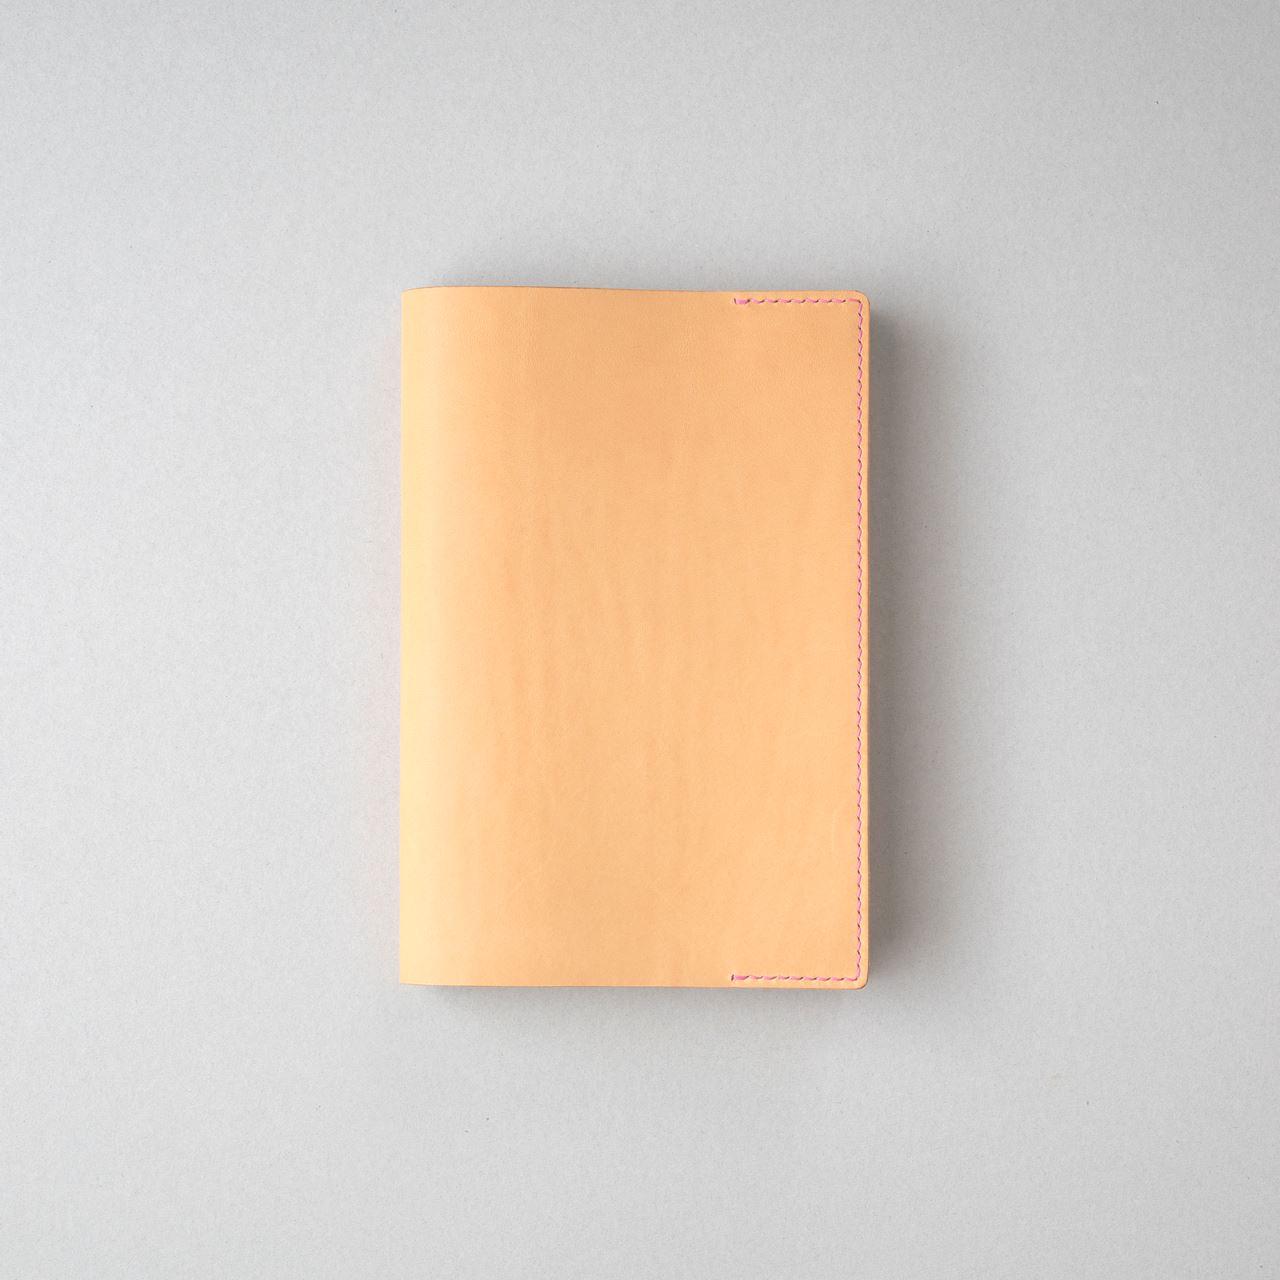 生成りのブックカバー2型四六判サイズをつくる